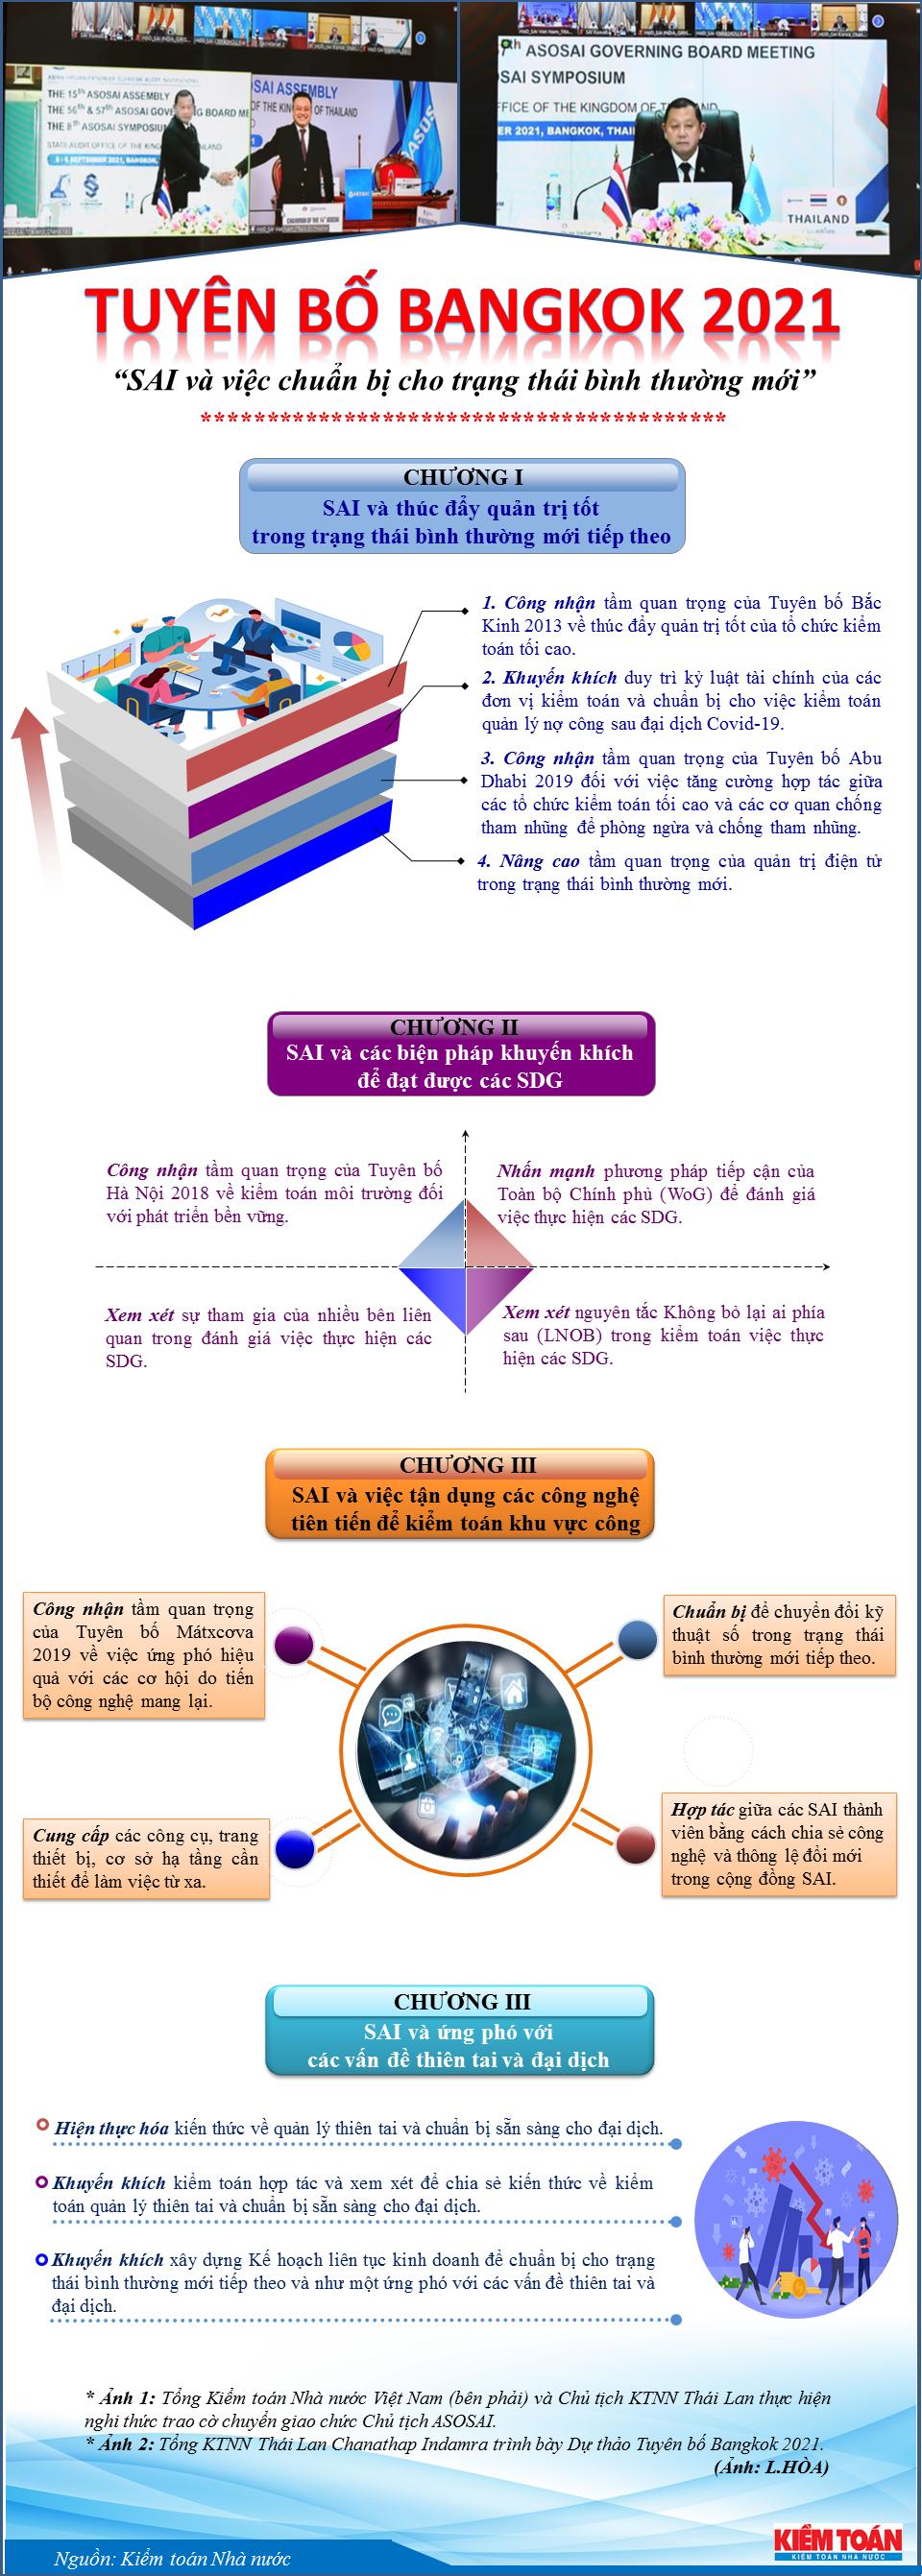 Infographic - Những nội dung chính của Tuyên bố Bangkok 2021